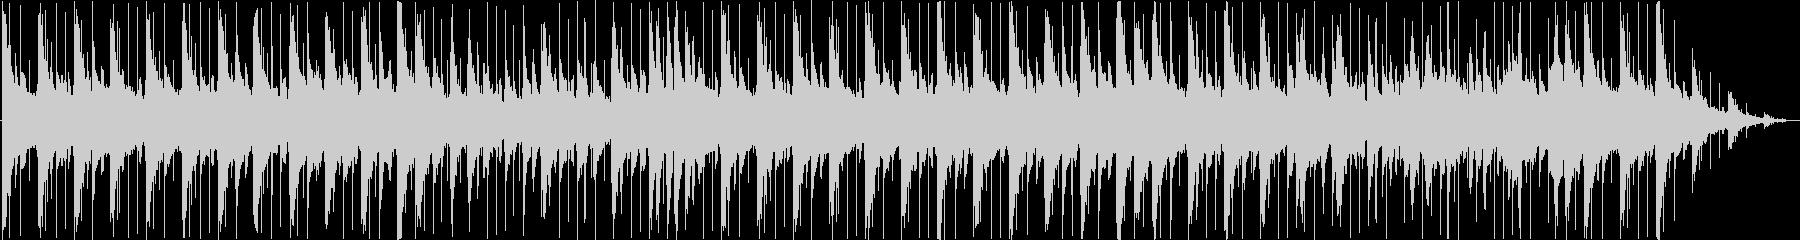 雨降りの憂鬱なバラード曲/ピアノの未再生の波形